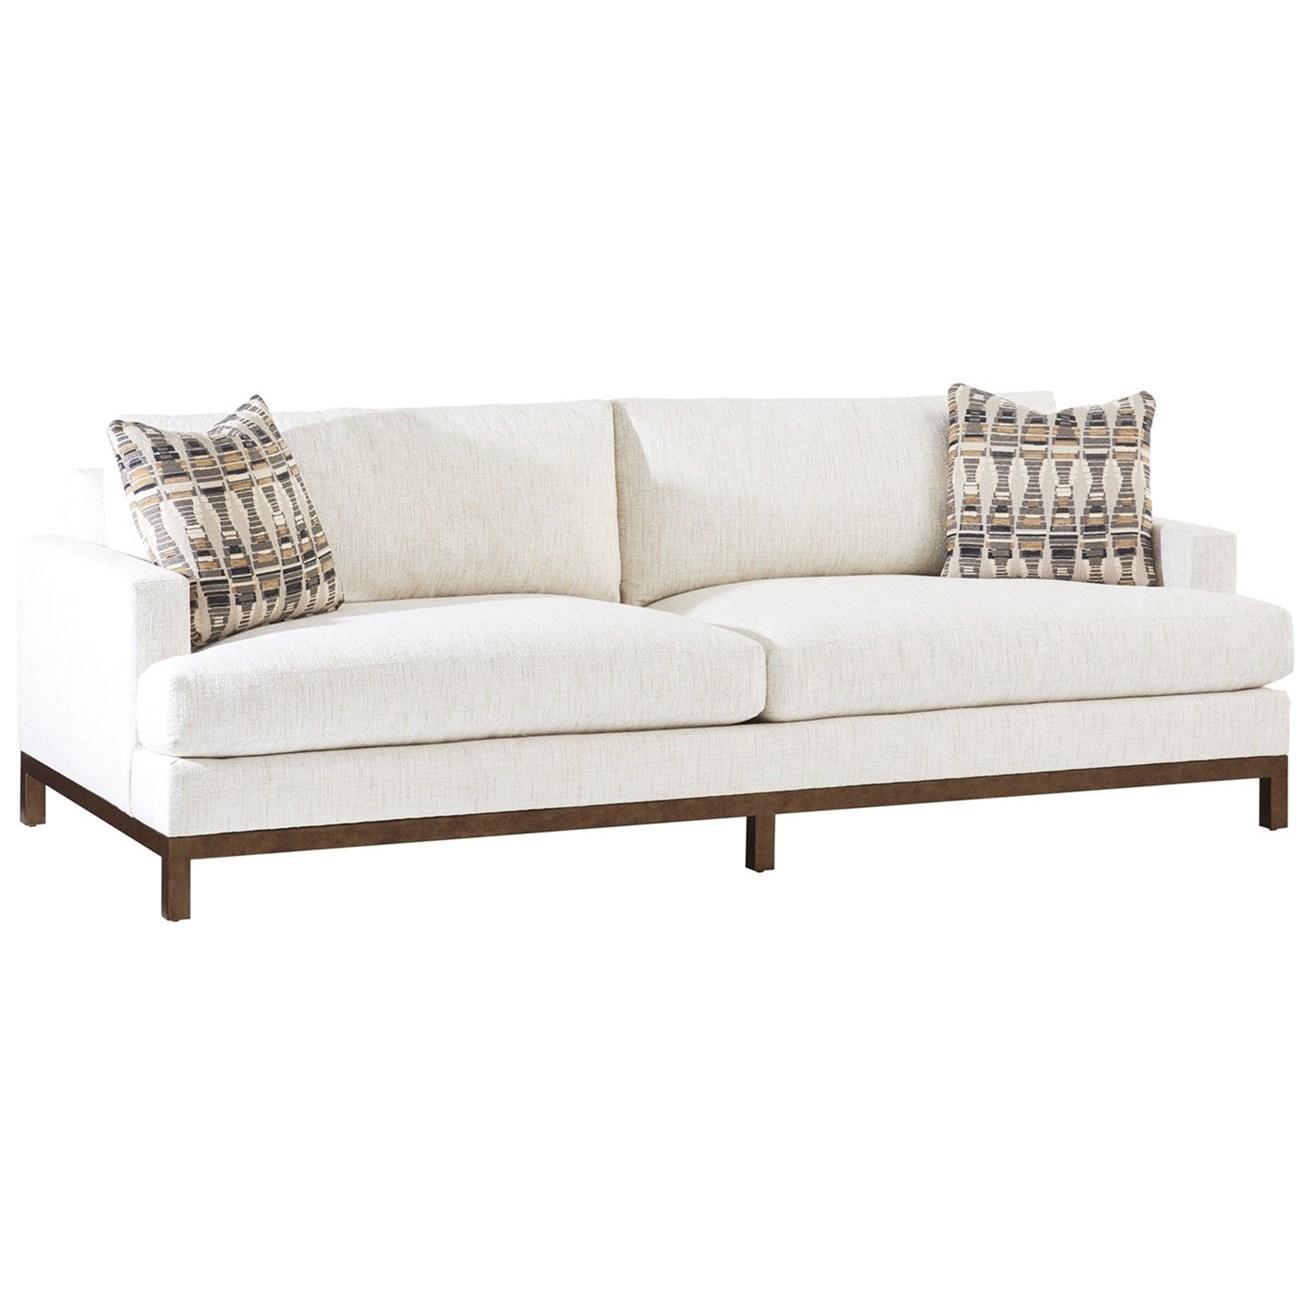 Barclay Butera Upholstery Horizon Sofa w/ Bronze Metal Base by Barclay Butera at Baer's Furniture